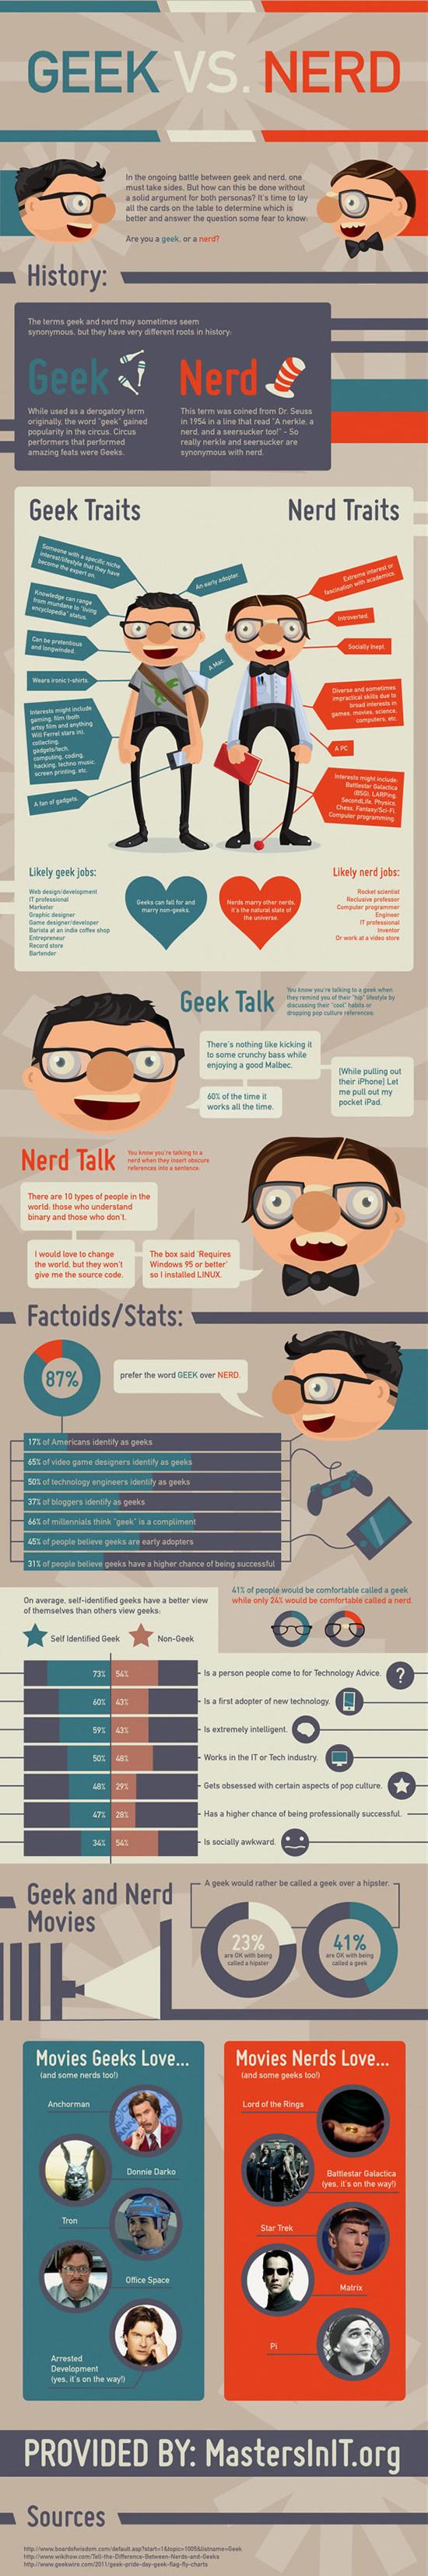 geek-vs-nerd.jpg